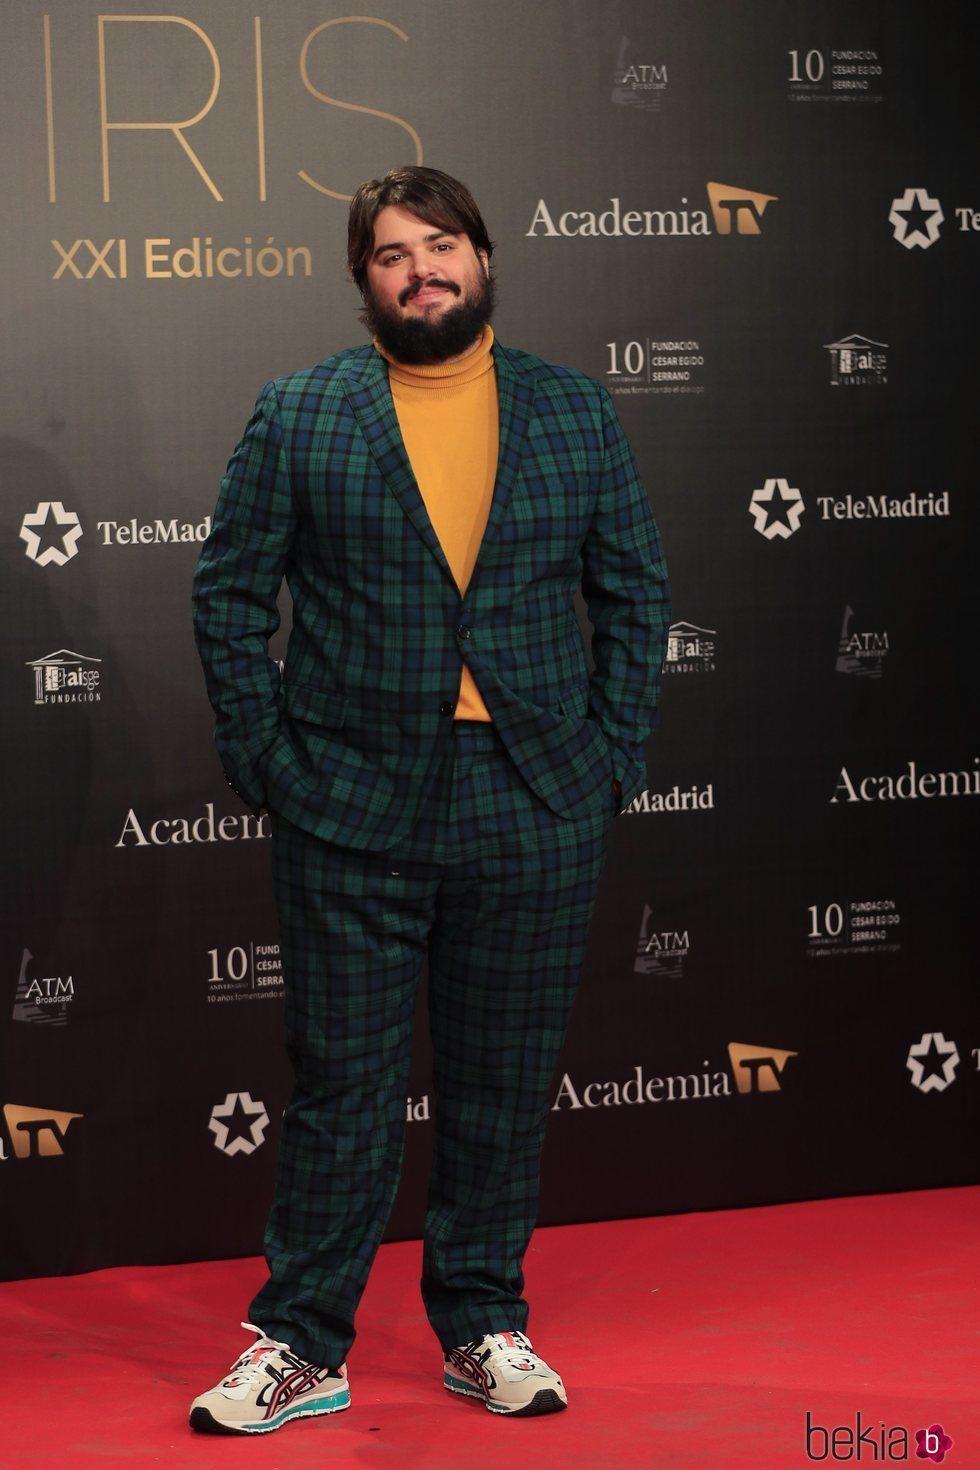 Brays Efe en la alfombra roja de los Premios Iris 2019